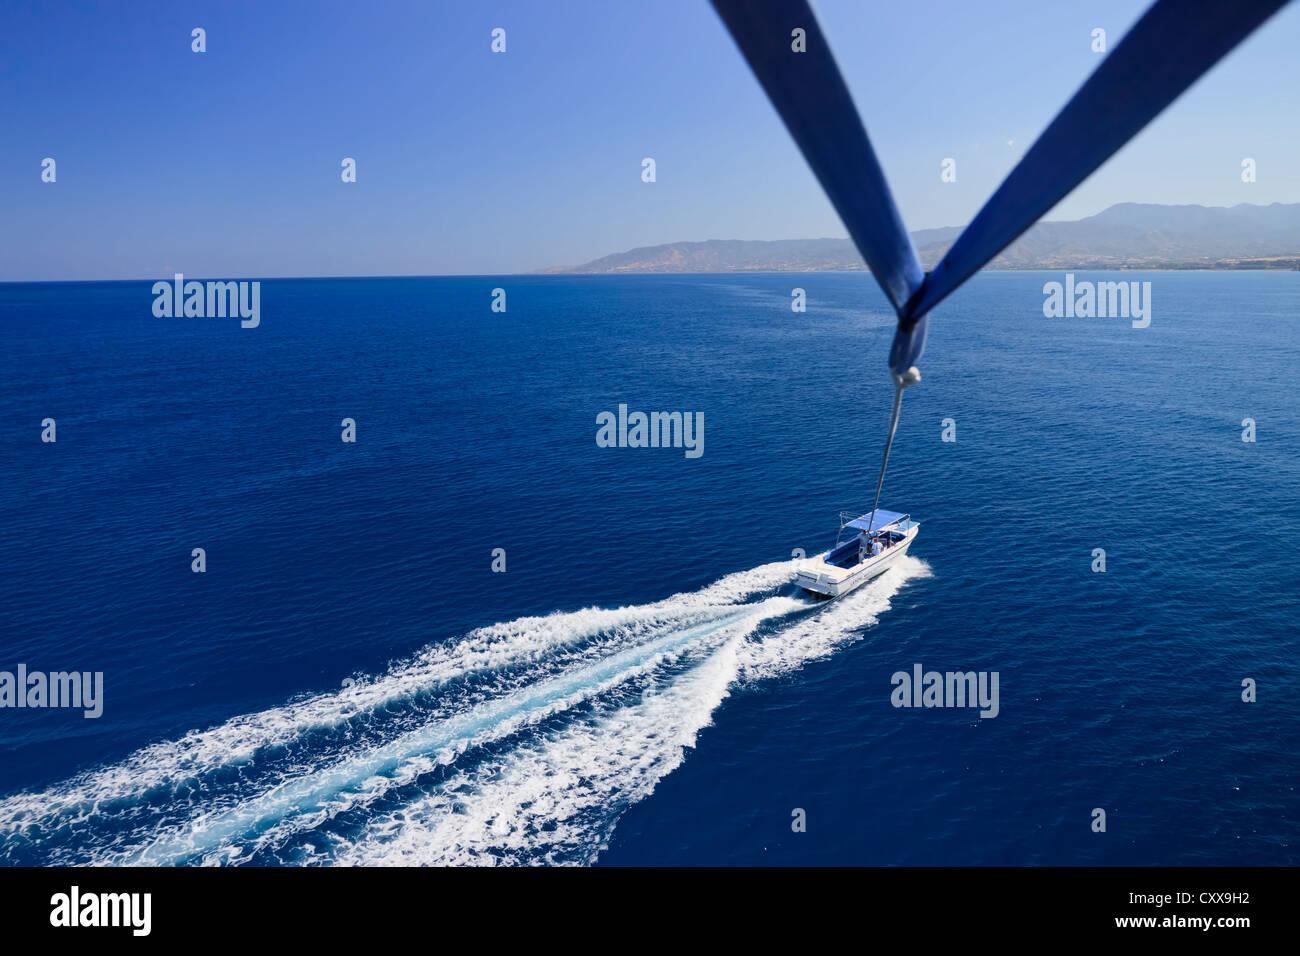 Parasailing at Latchi, Paphos area, Cyprus Stock Photo